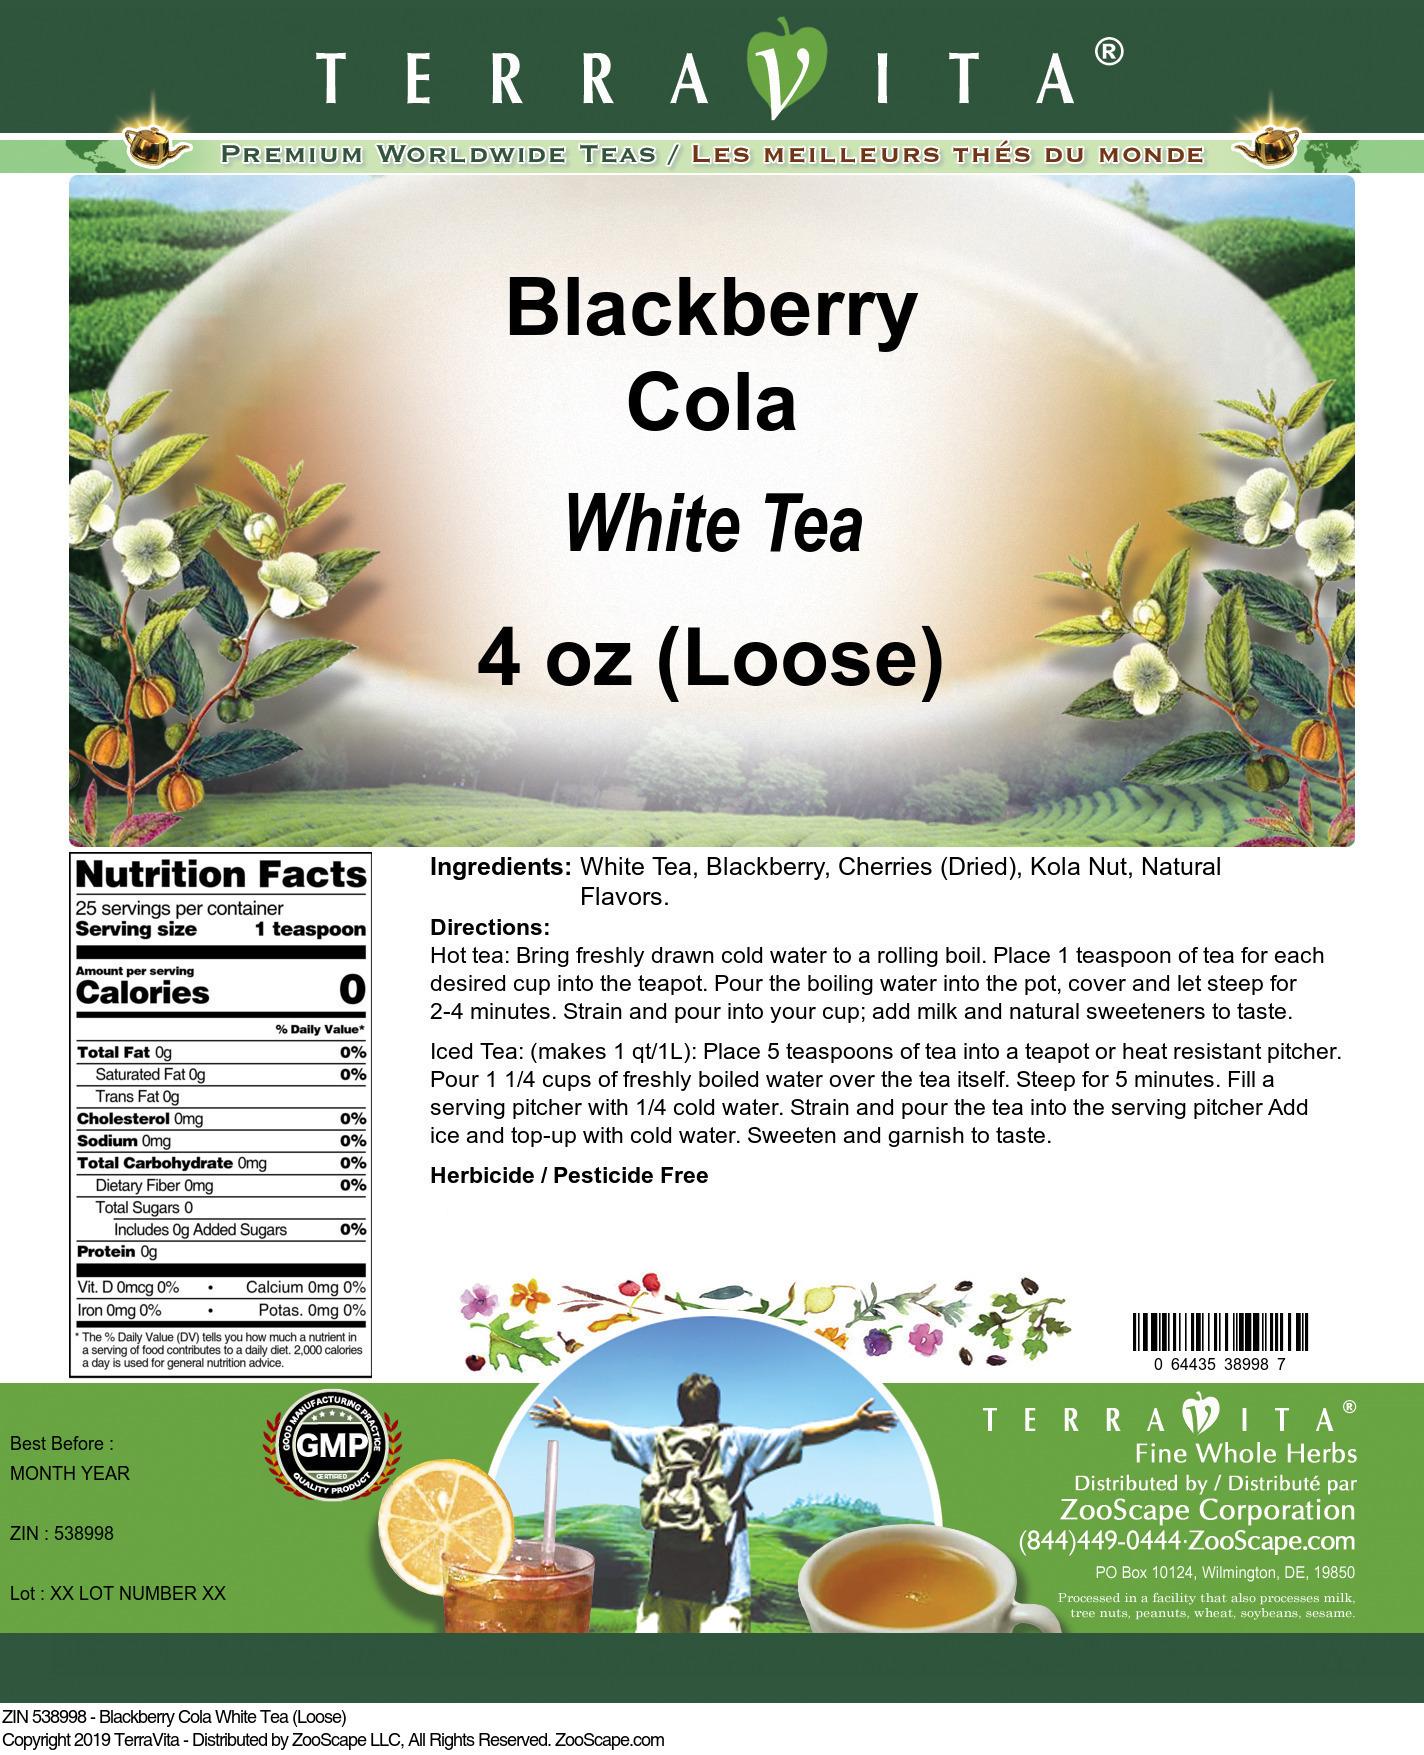 Blackberry Cola White Tea